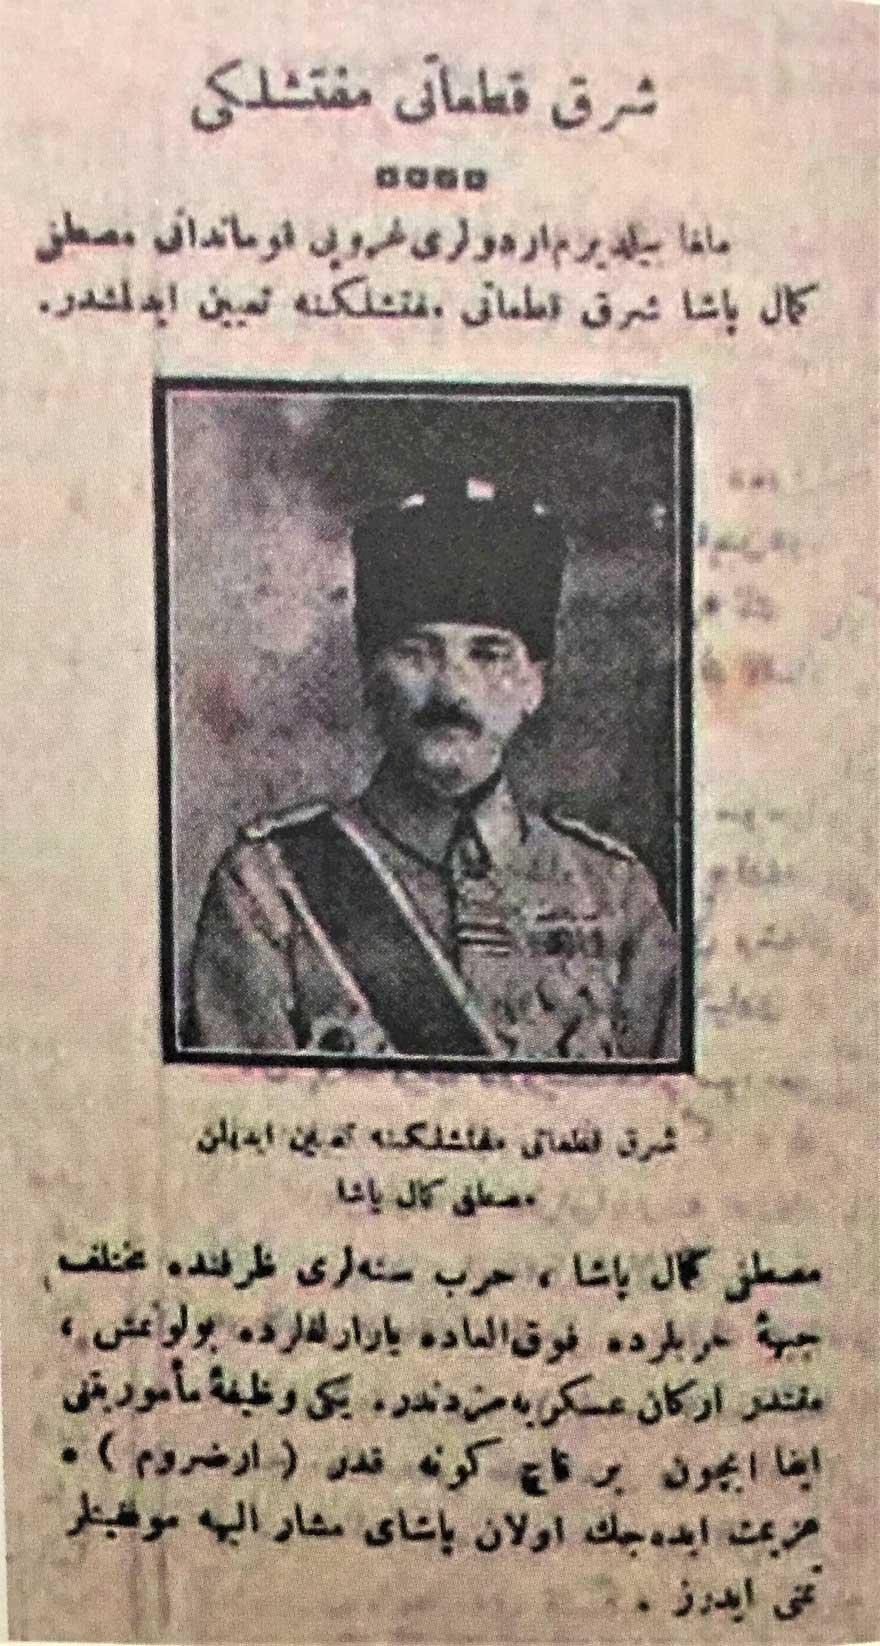 16 Mayıs 1919 tarihli Zaman. Savaşlarda büyük yarararlılıkları olmuş 'muktedir askerlerimizden' Mustafa Kemal Paşa'nın 'Şark Kıtaatı Müfettişliği'ne tayin edildiği belirtiliyor.